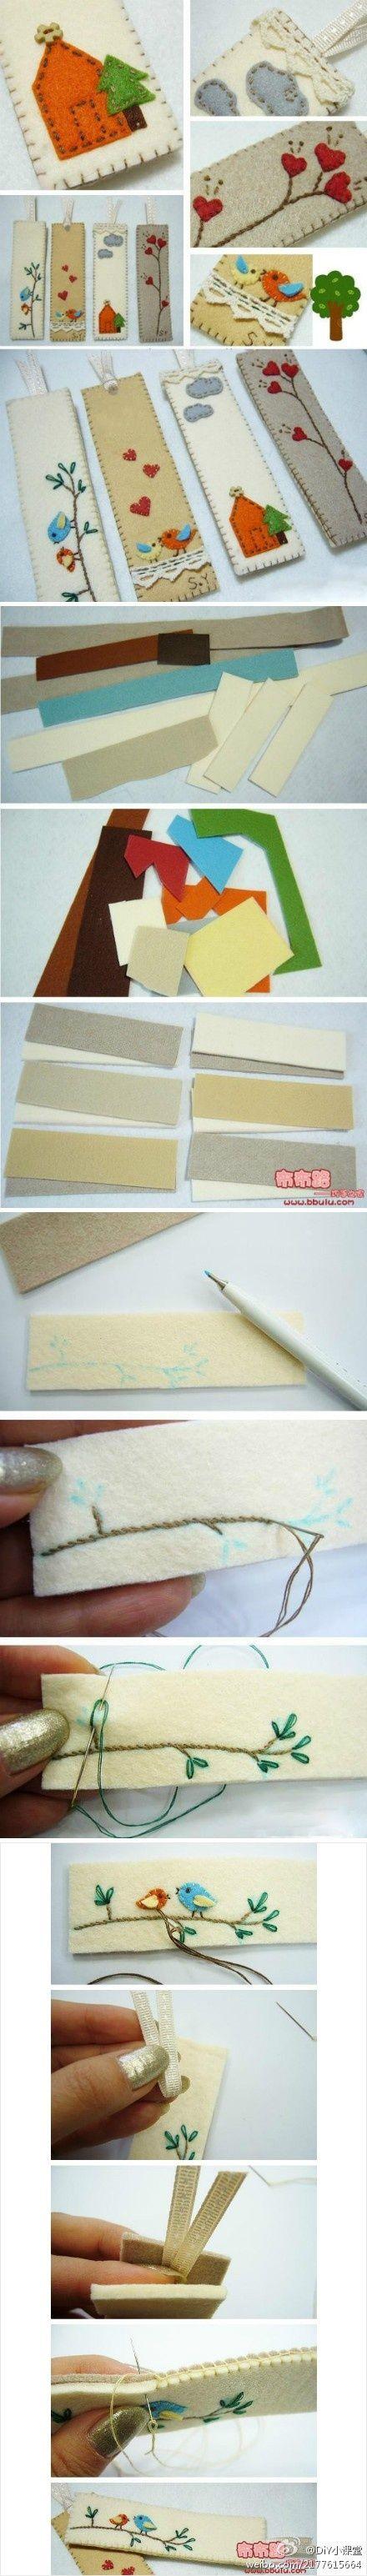 Artesanato em feltro – Marcadores de livro feitos com feltro!  Veja este passo a passo de artesanato em feltro de como fazer um lindo marcador de livro! Só precisa de pedaços de feltro de várias cores e linhas de bordar! Veja!